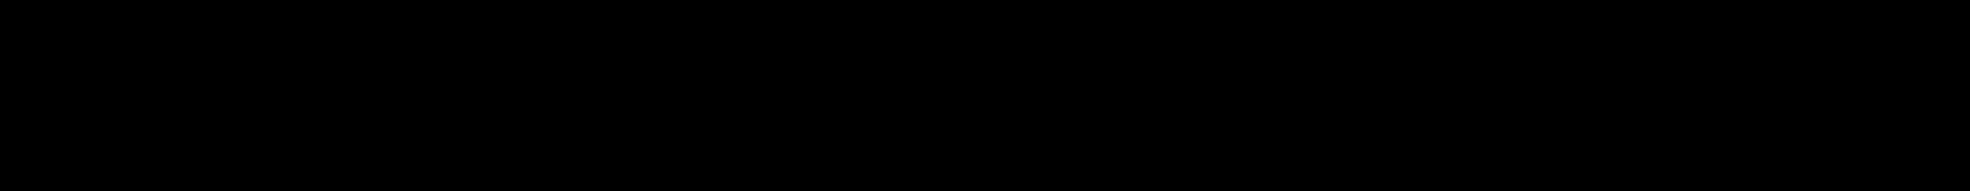 Design System E 900I